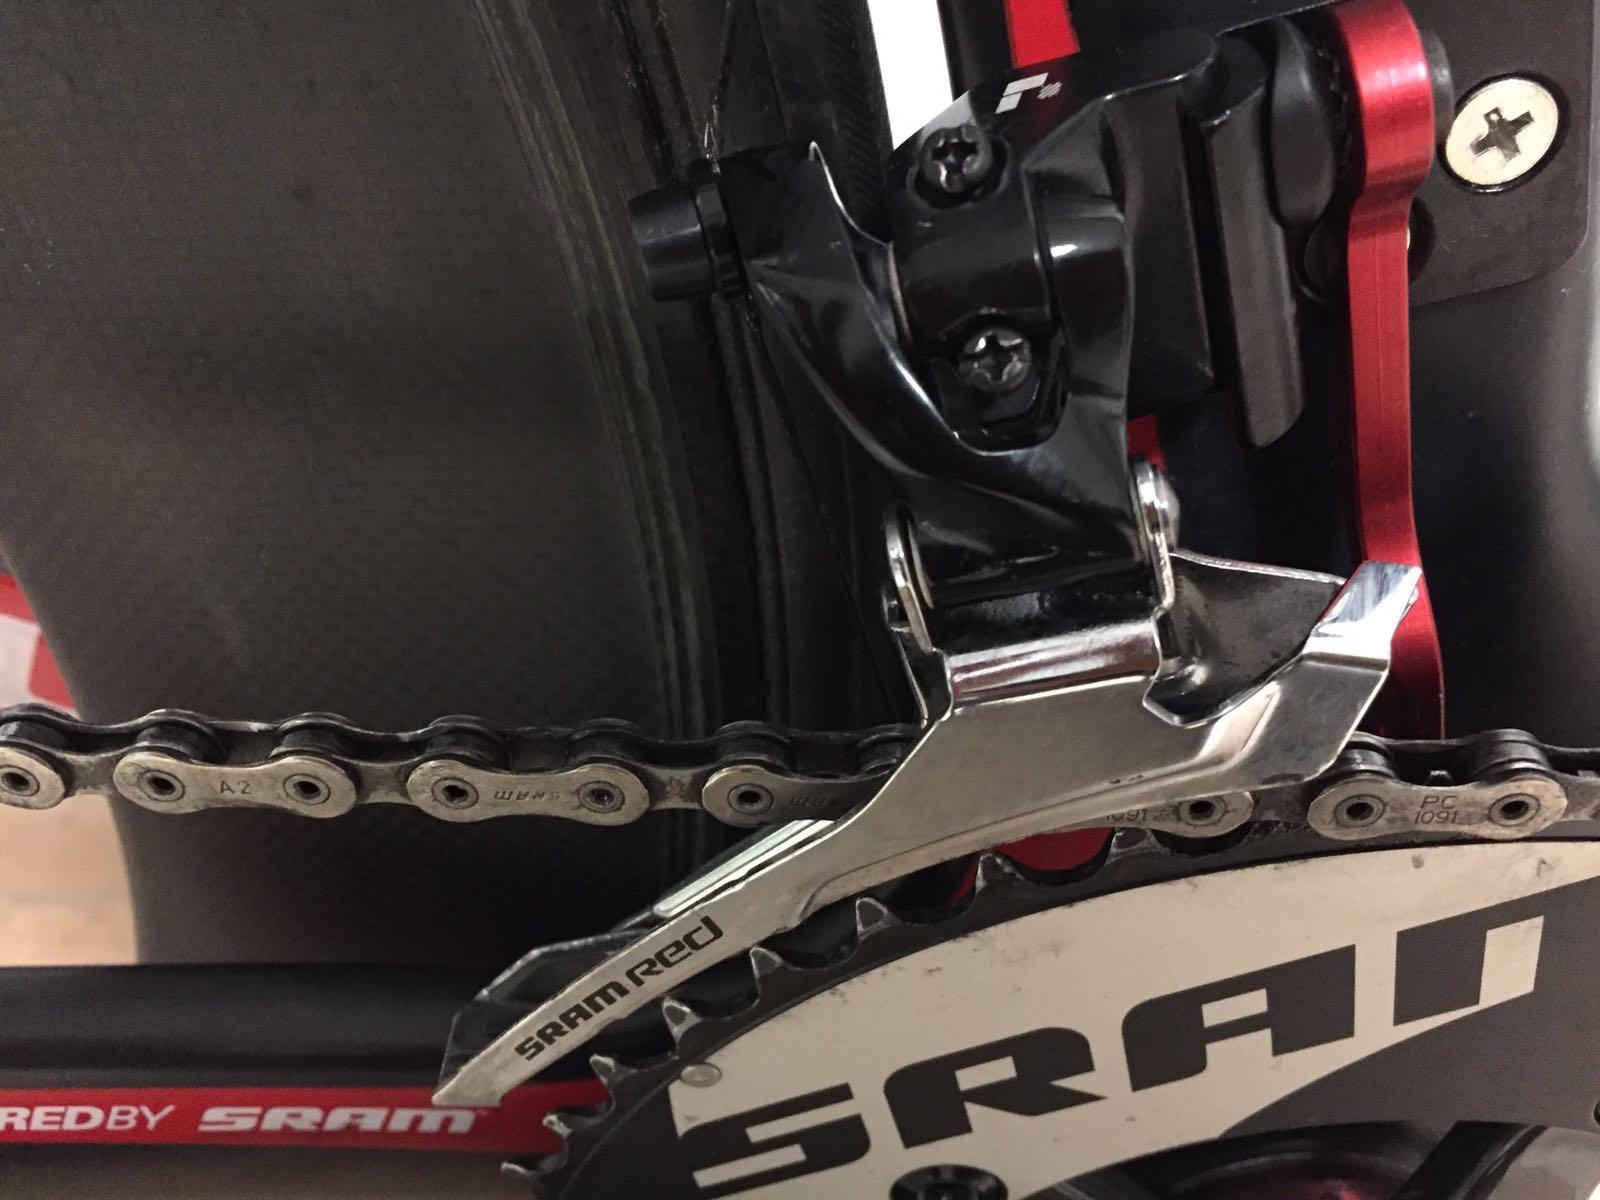 Focus Izalco Max - Crono Triathlon 8